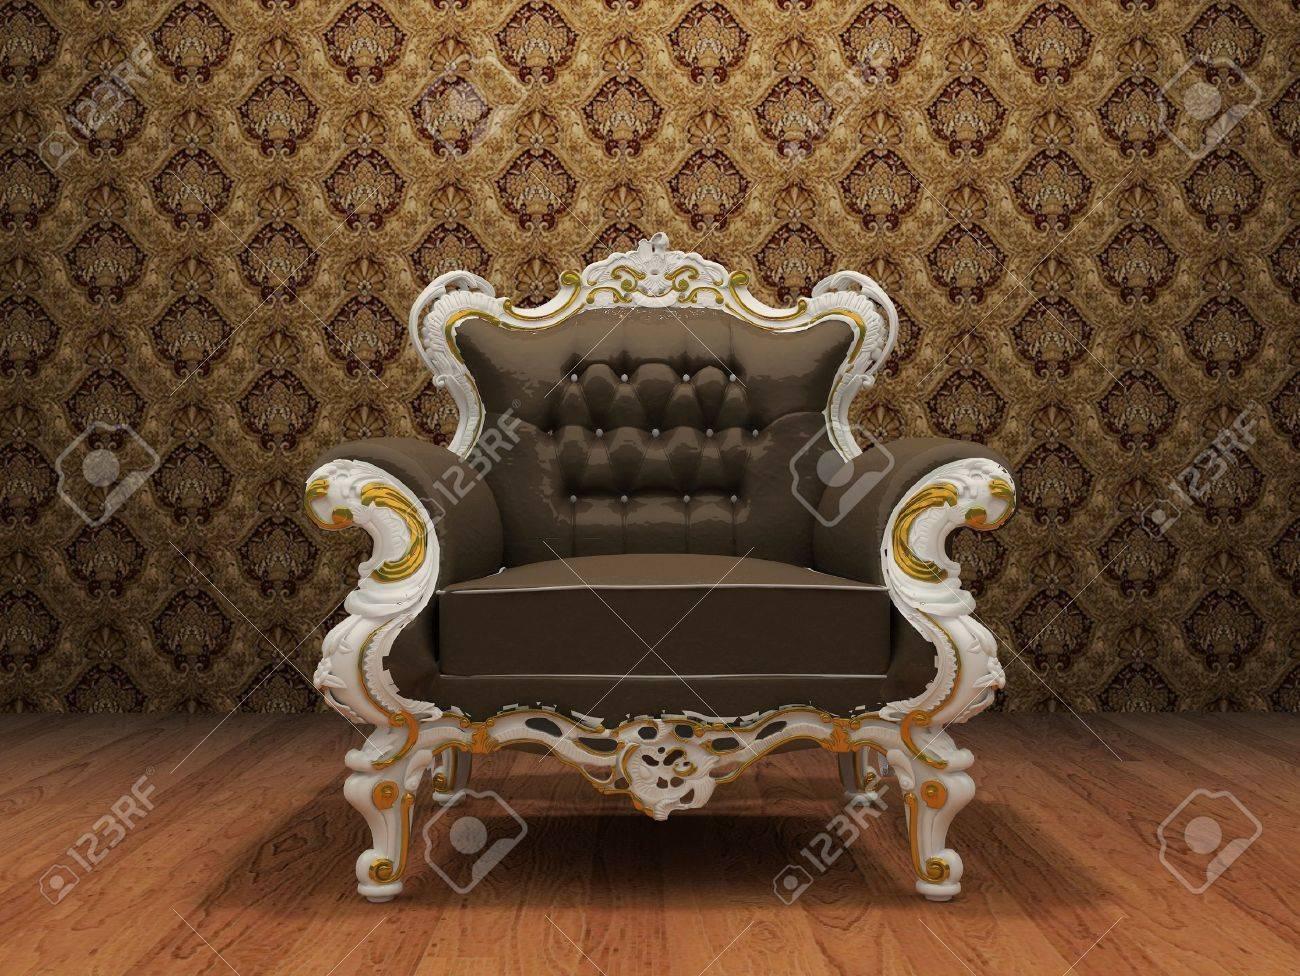 fauteuil en cuir de luxe a l interieur de style ancien avec du papier peint d ornement